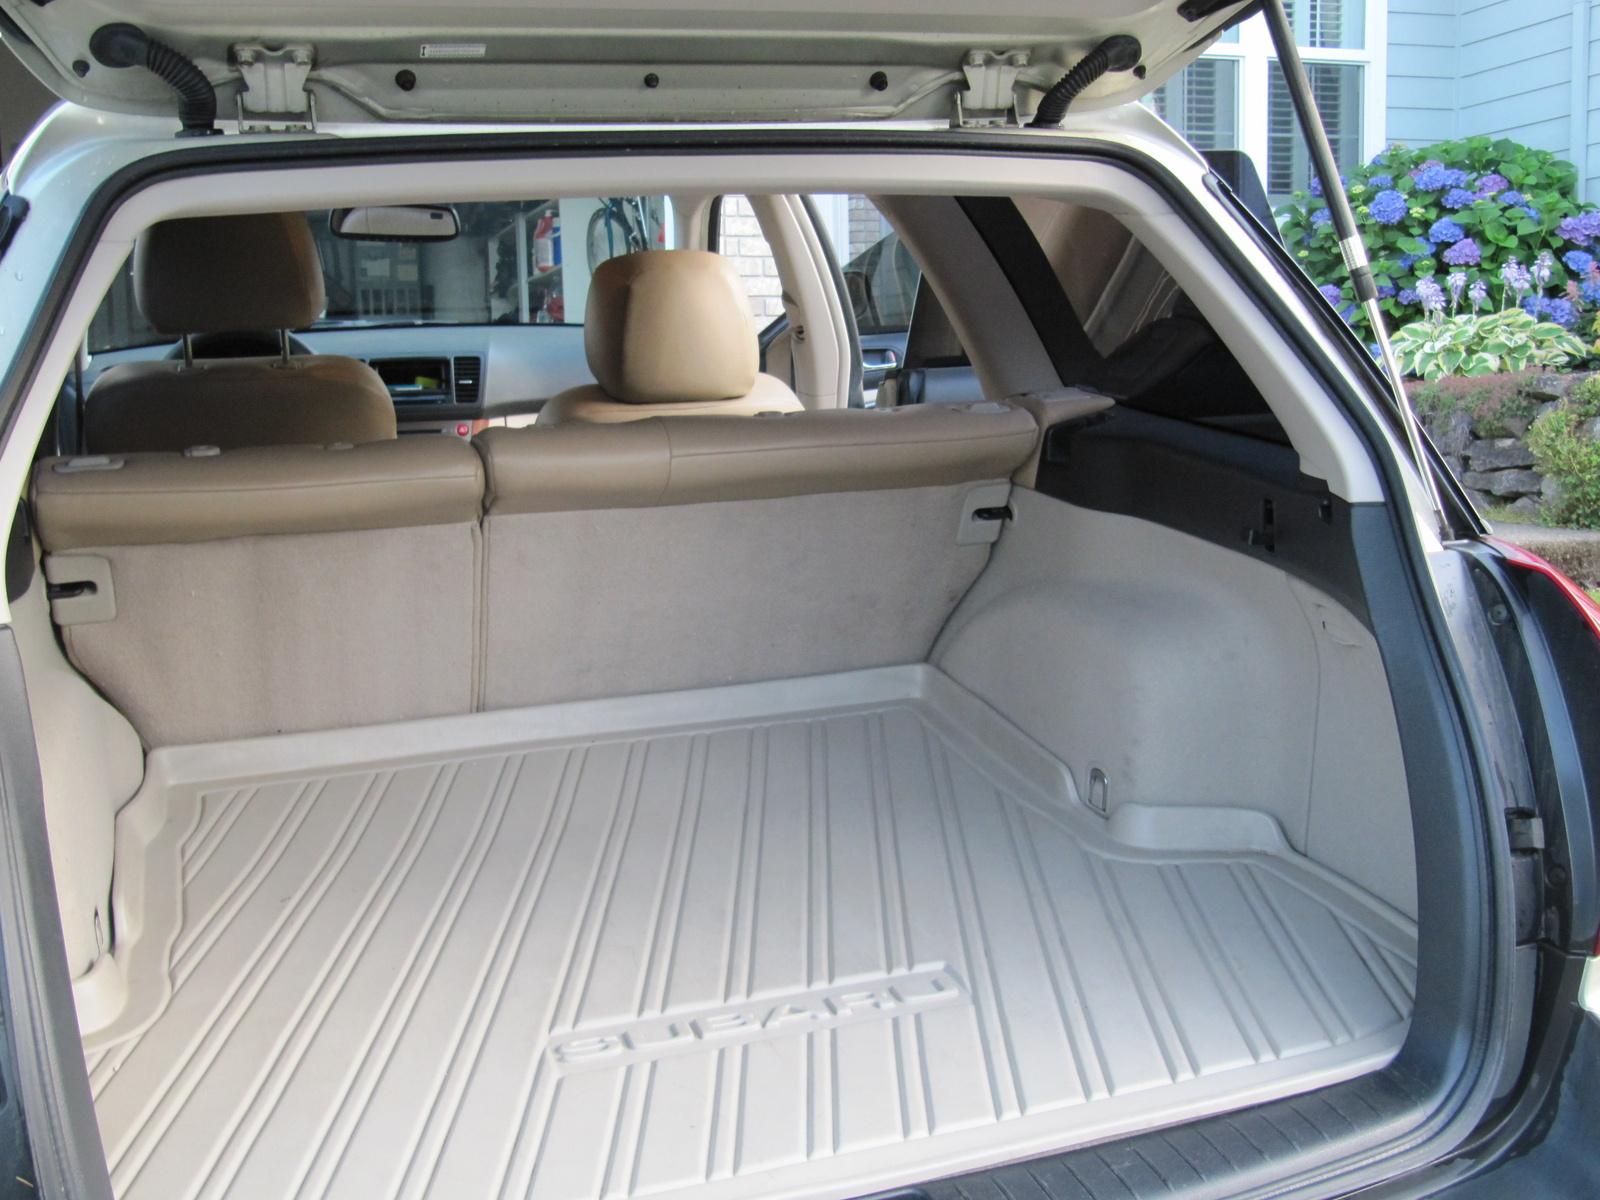 2006 Subaru Outback Interior Pictures Cargurus